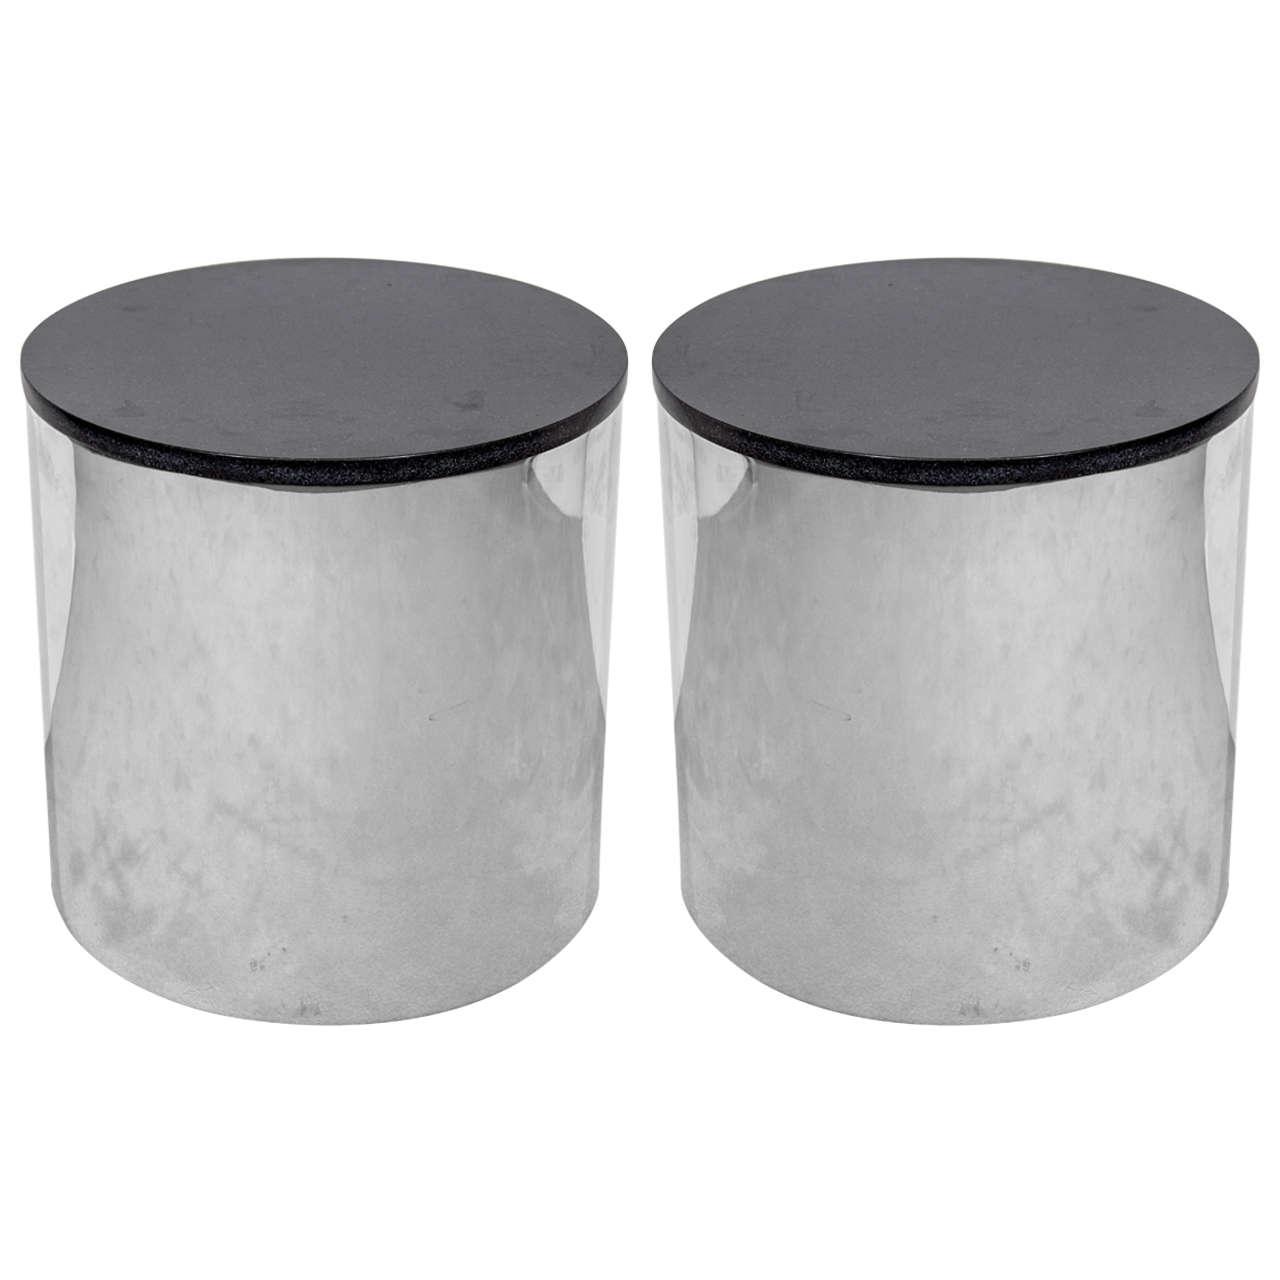 pair of mid century chrome and granite drum tables at stdibs - pair of mid century chrome and granite drum tables